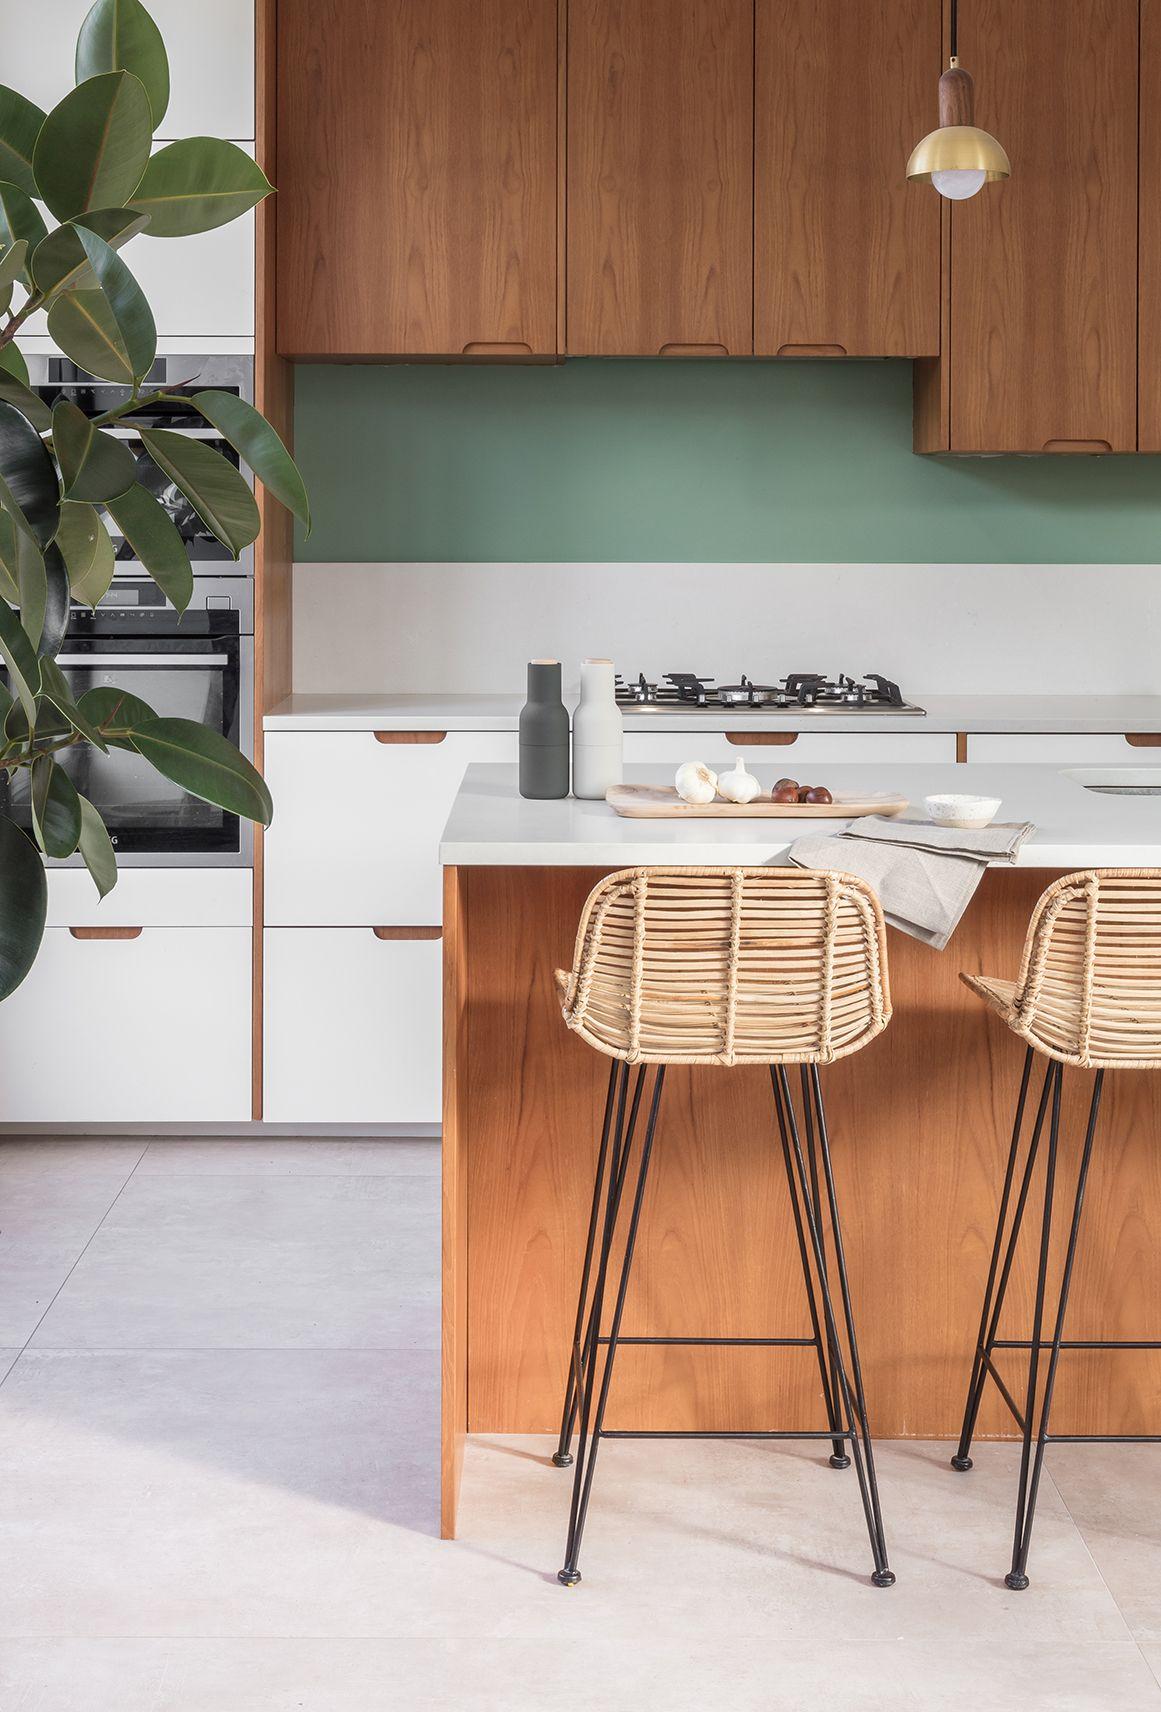 Midcentury style teak & white kitchen in 2020 Concrete